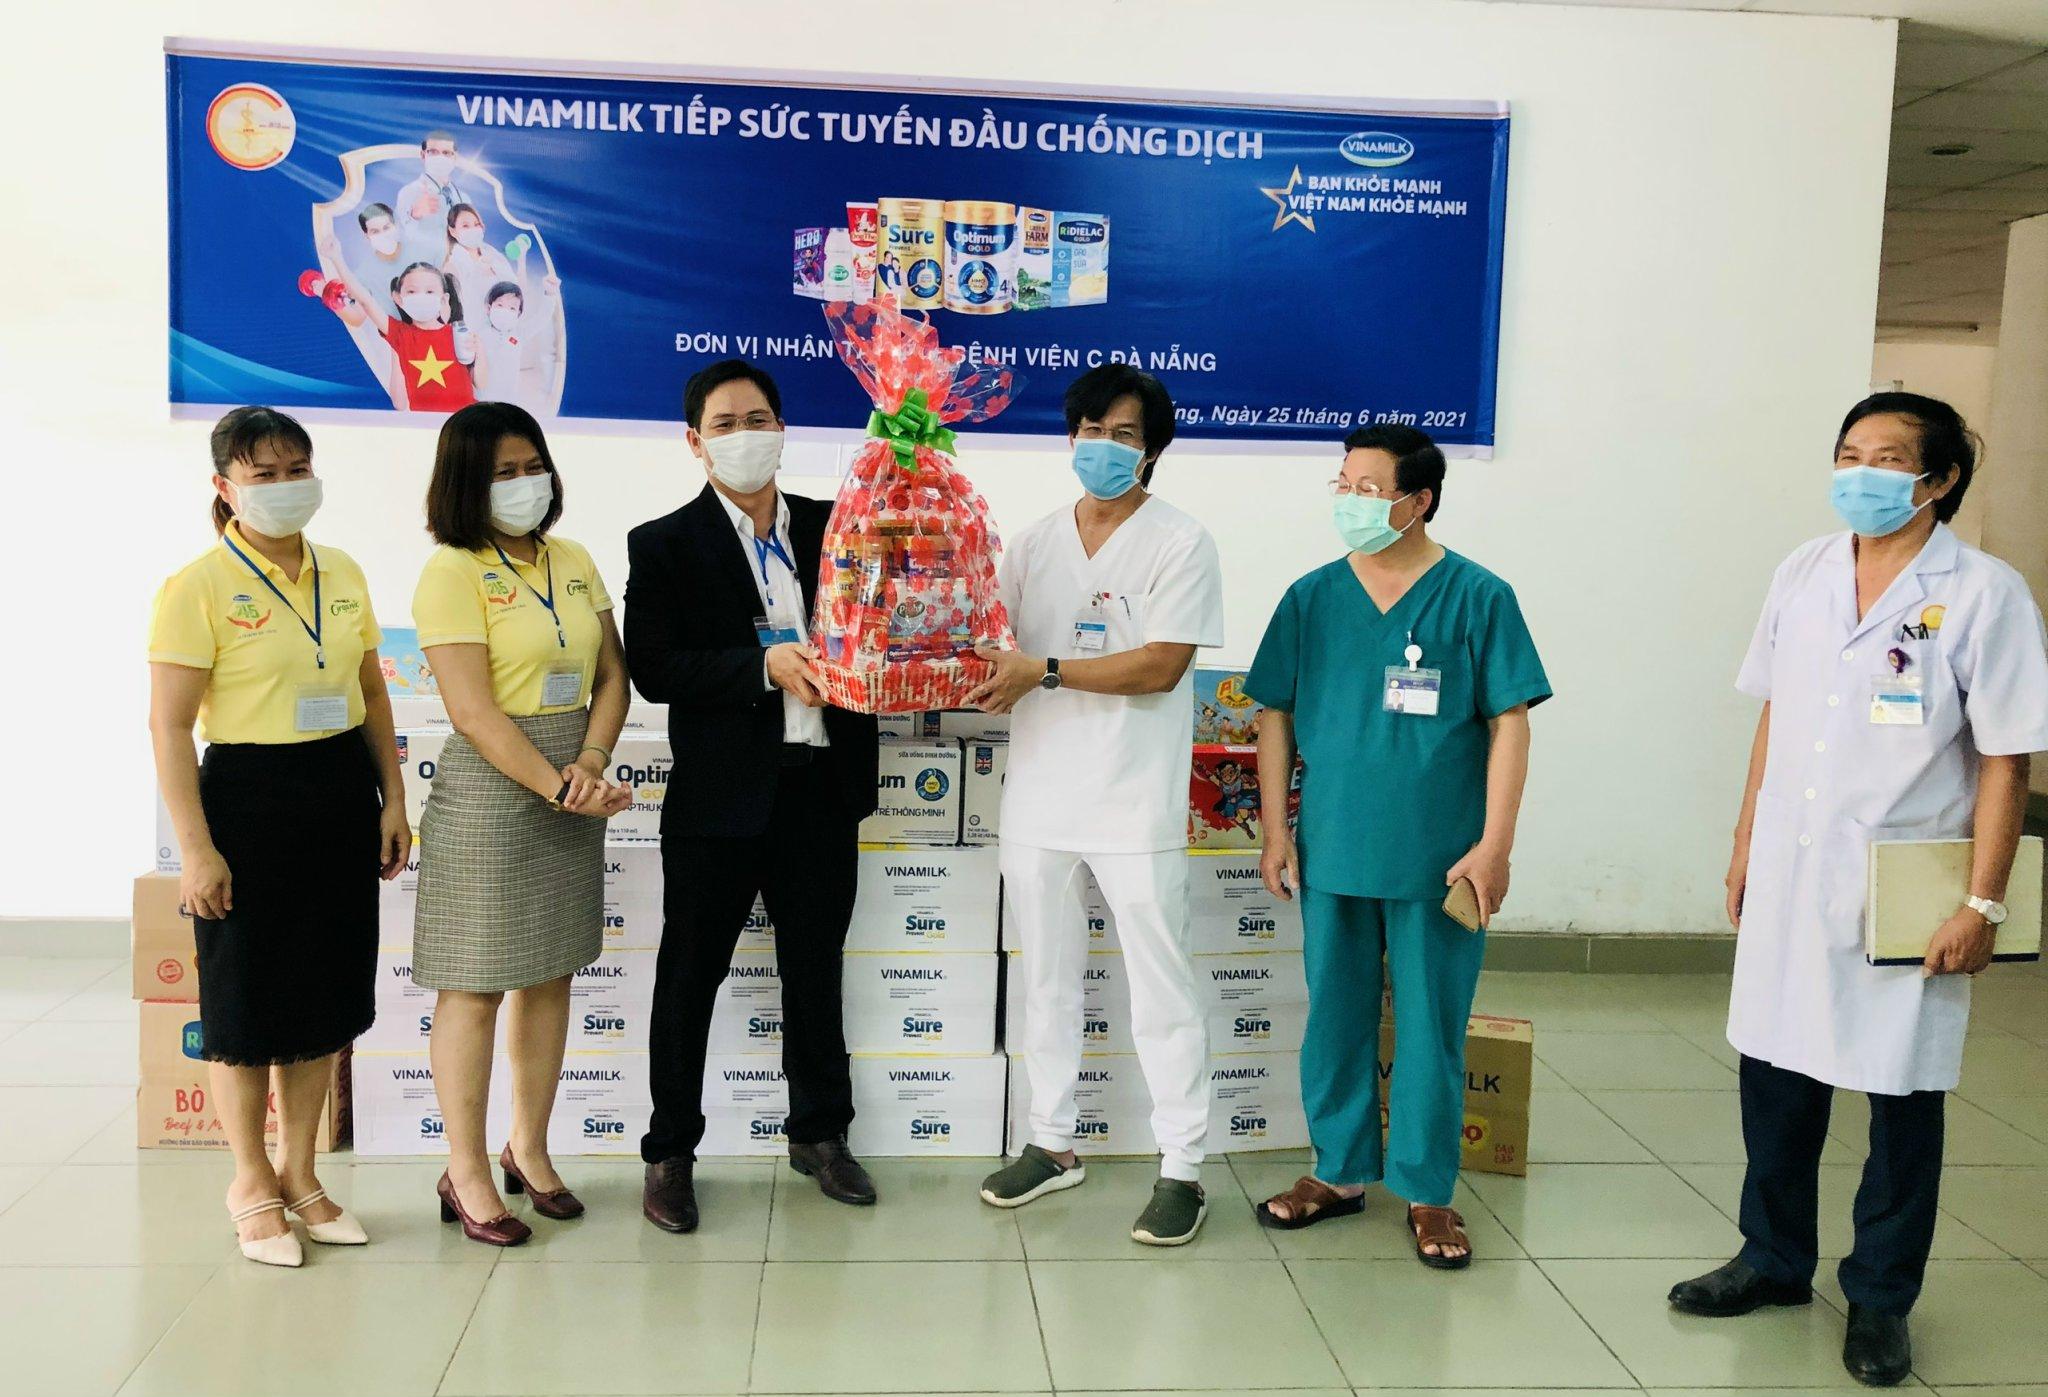 Hàng ngàn món quà dinh dưỡng từ Vinamilk gửi tặng đến các y bác sĩ, người thân trong ngày gia đình Việt Nam 6